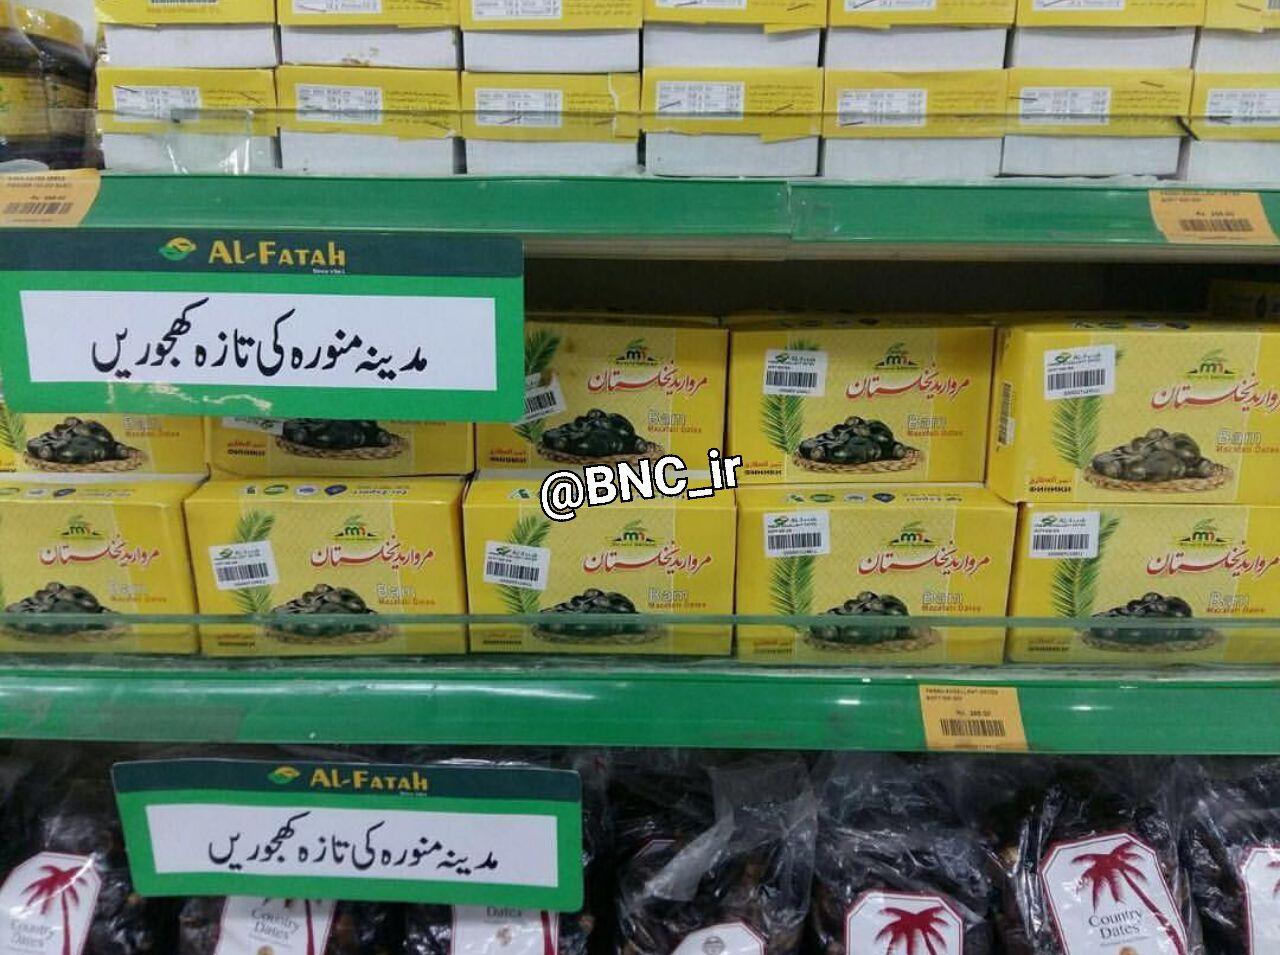 فروش خرمای ایران به نام عربستان! + عکس